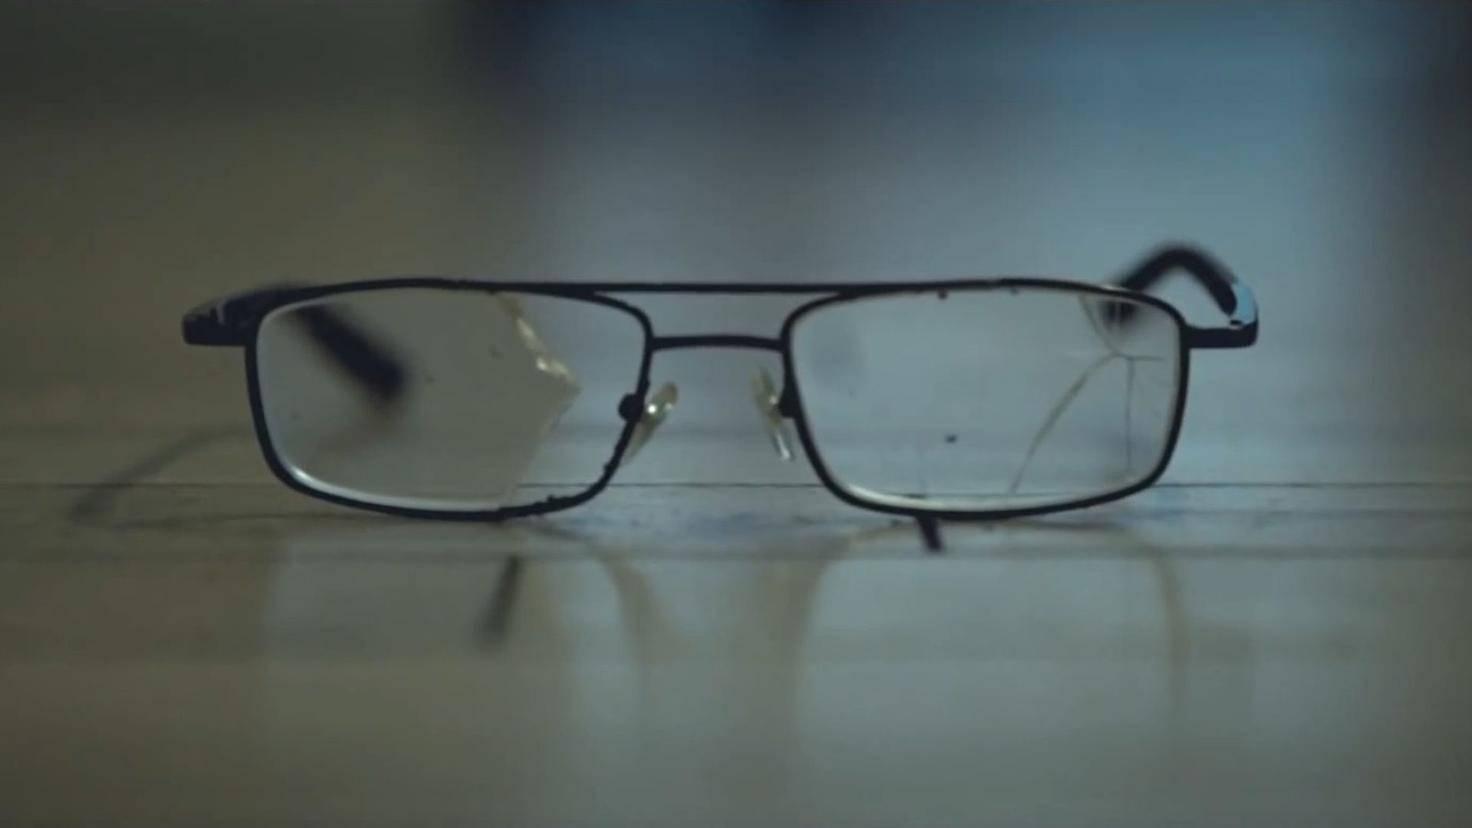 """Die Brille war doch gestern noch nicht da... Die """"Hinterlassenschaften"""" haben einen dramatischen Hintergrund."""